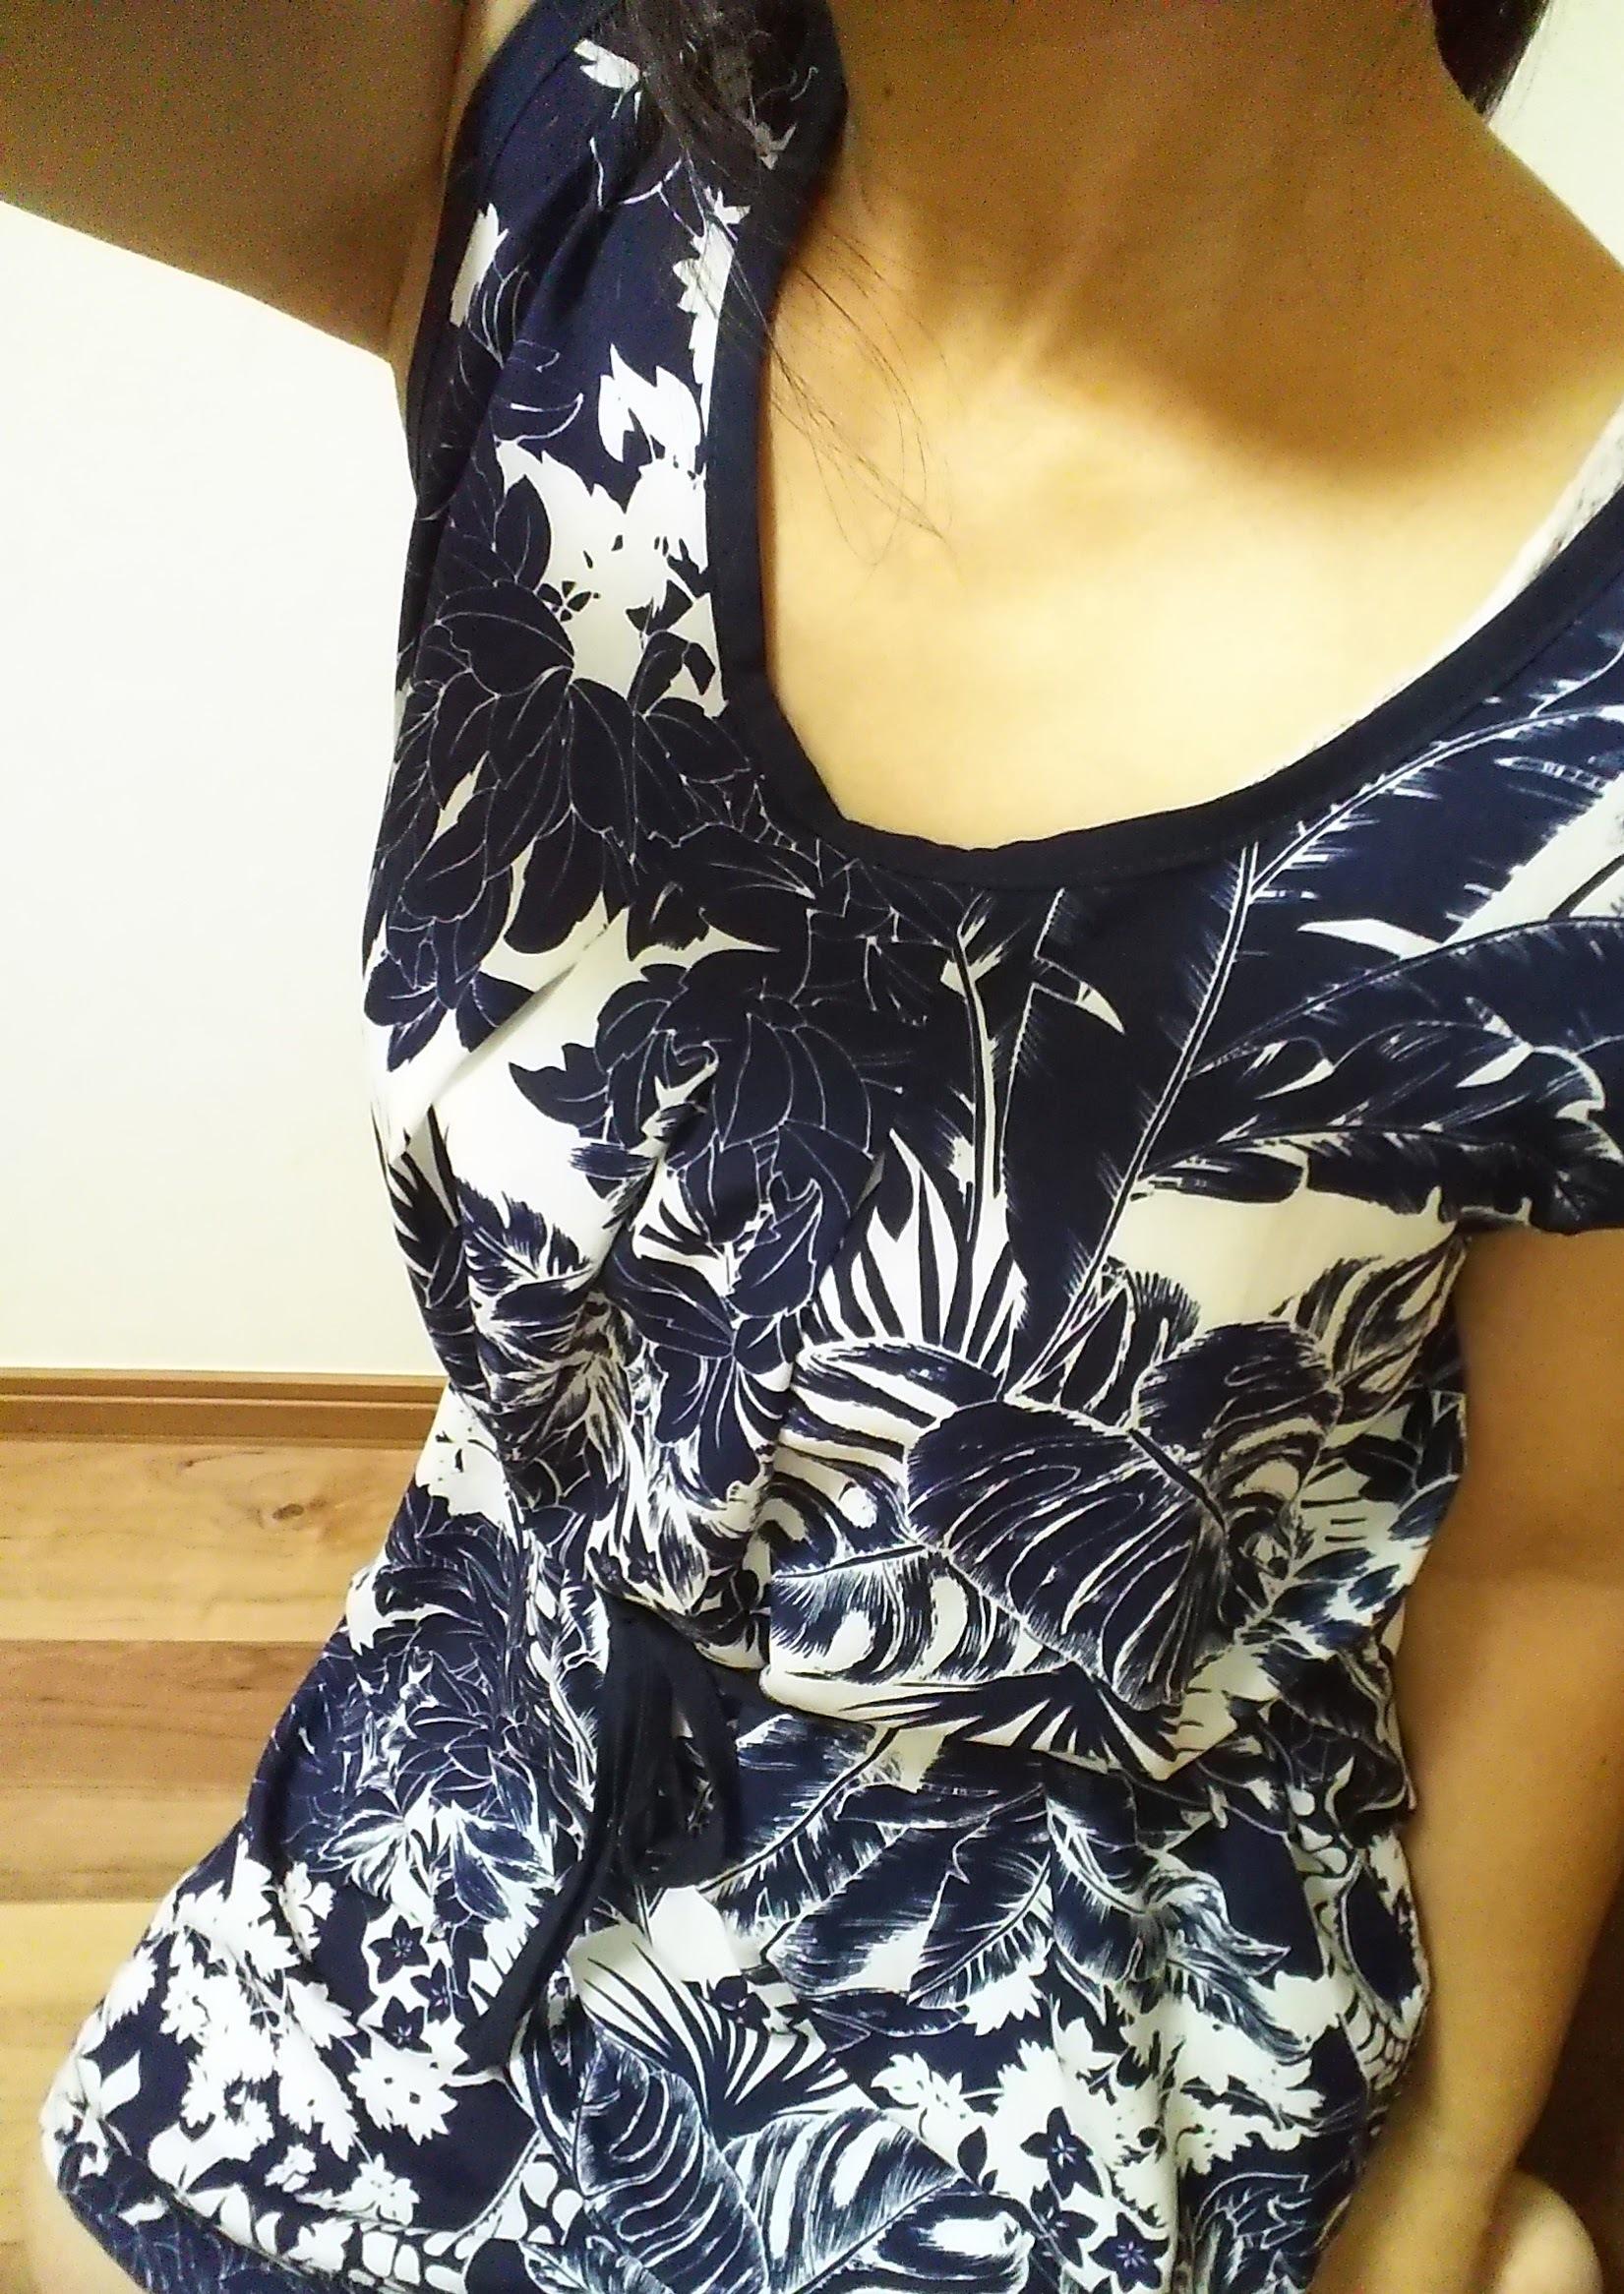 AKO0830 - Japanese webcam girl